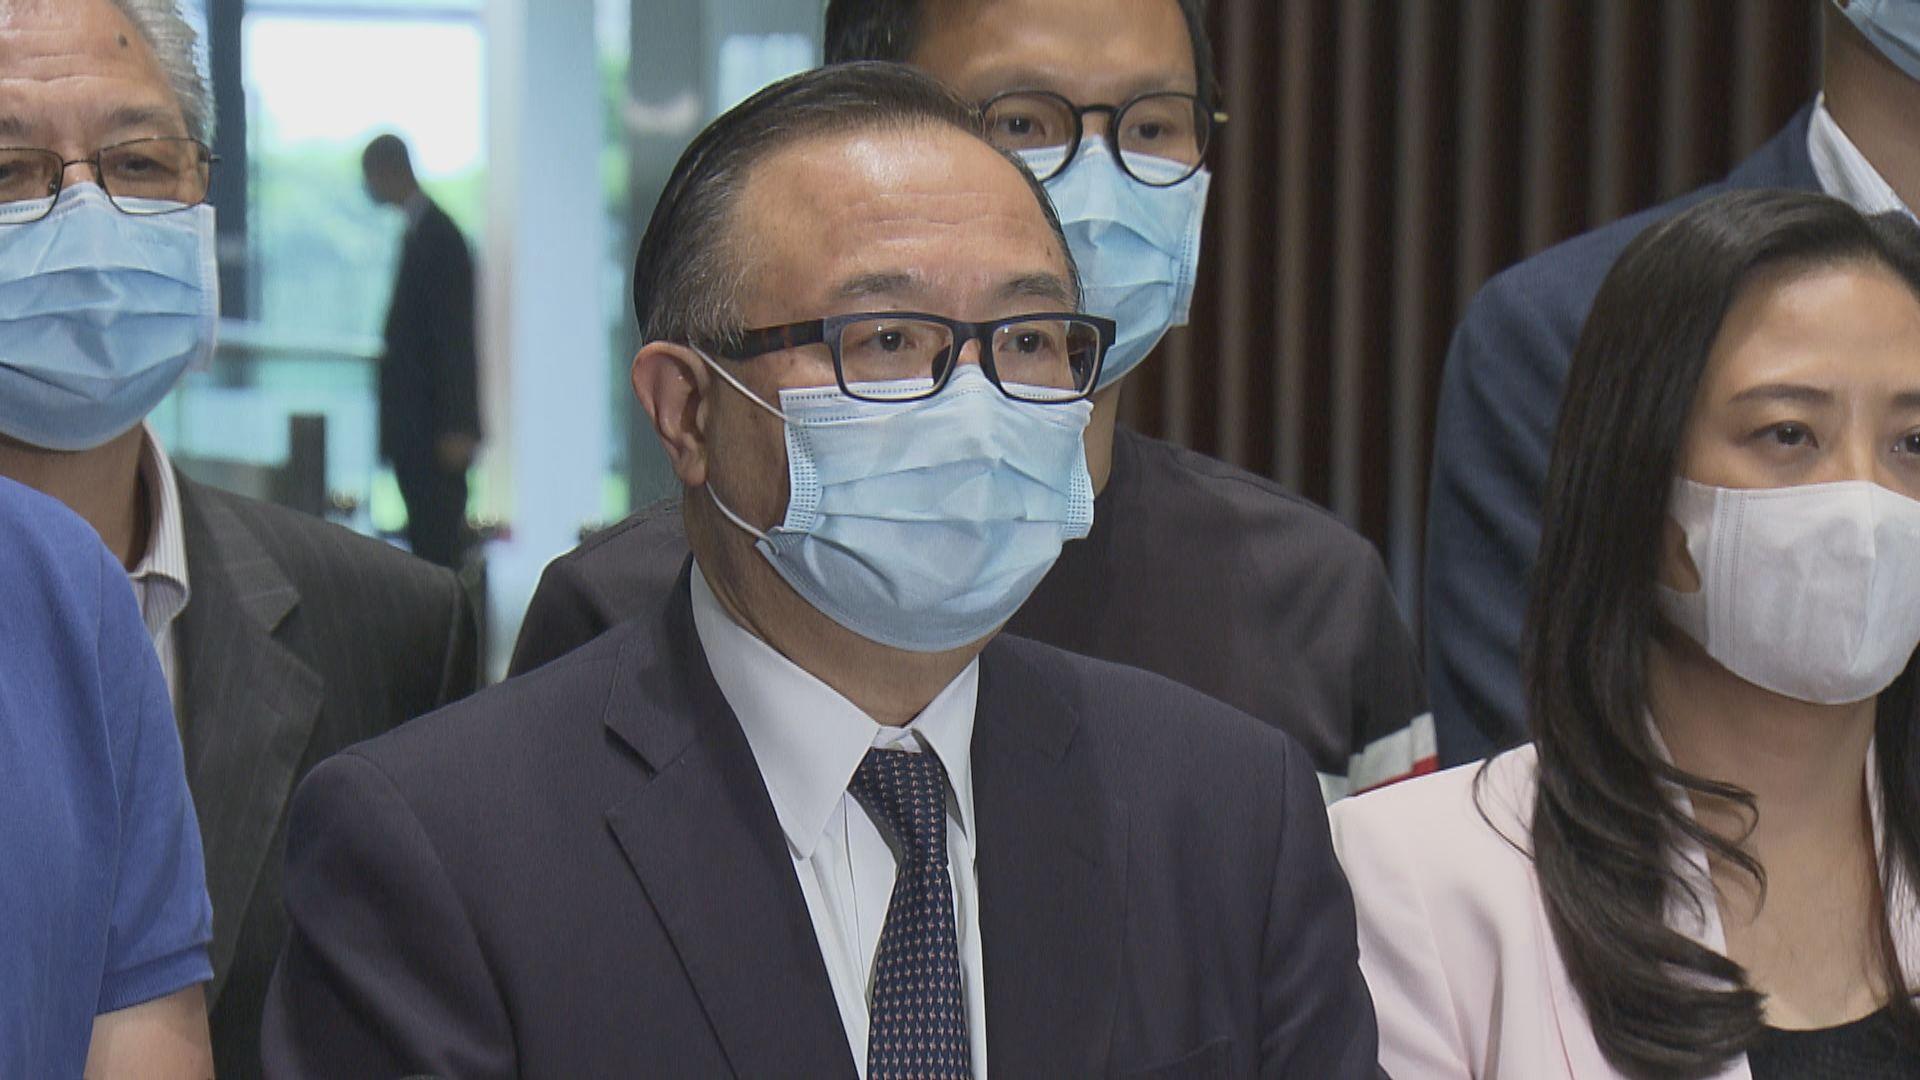 朱凱廸陳志全會議期間淋潑液體 建制派譴責